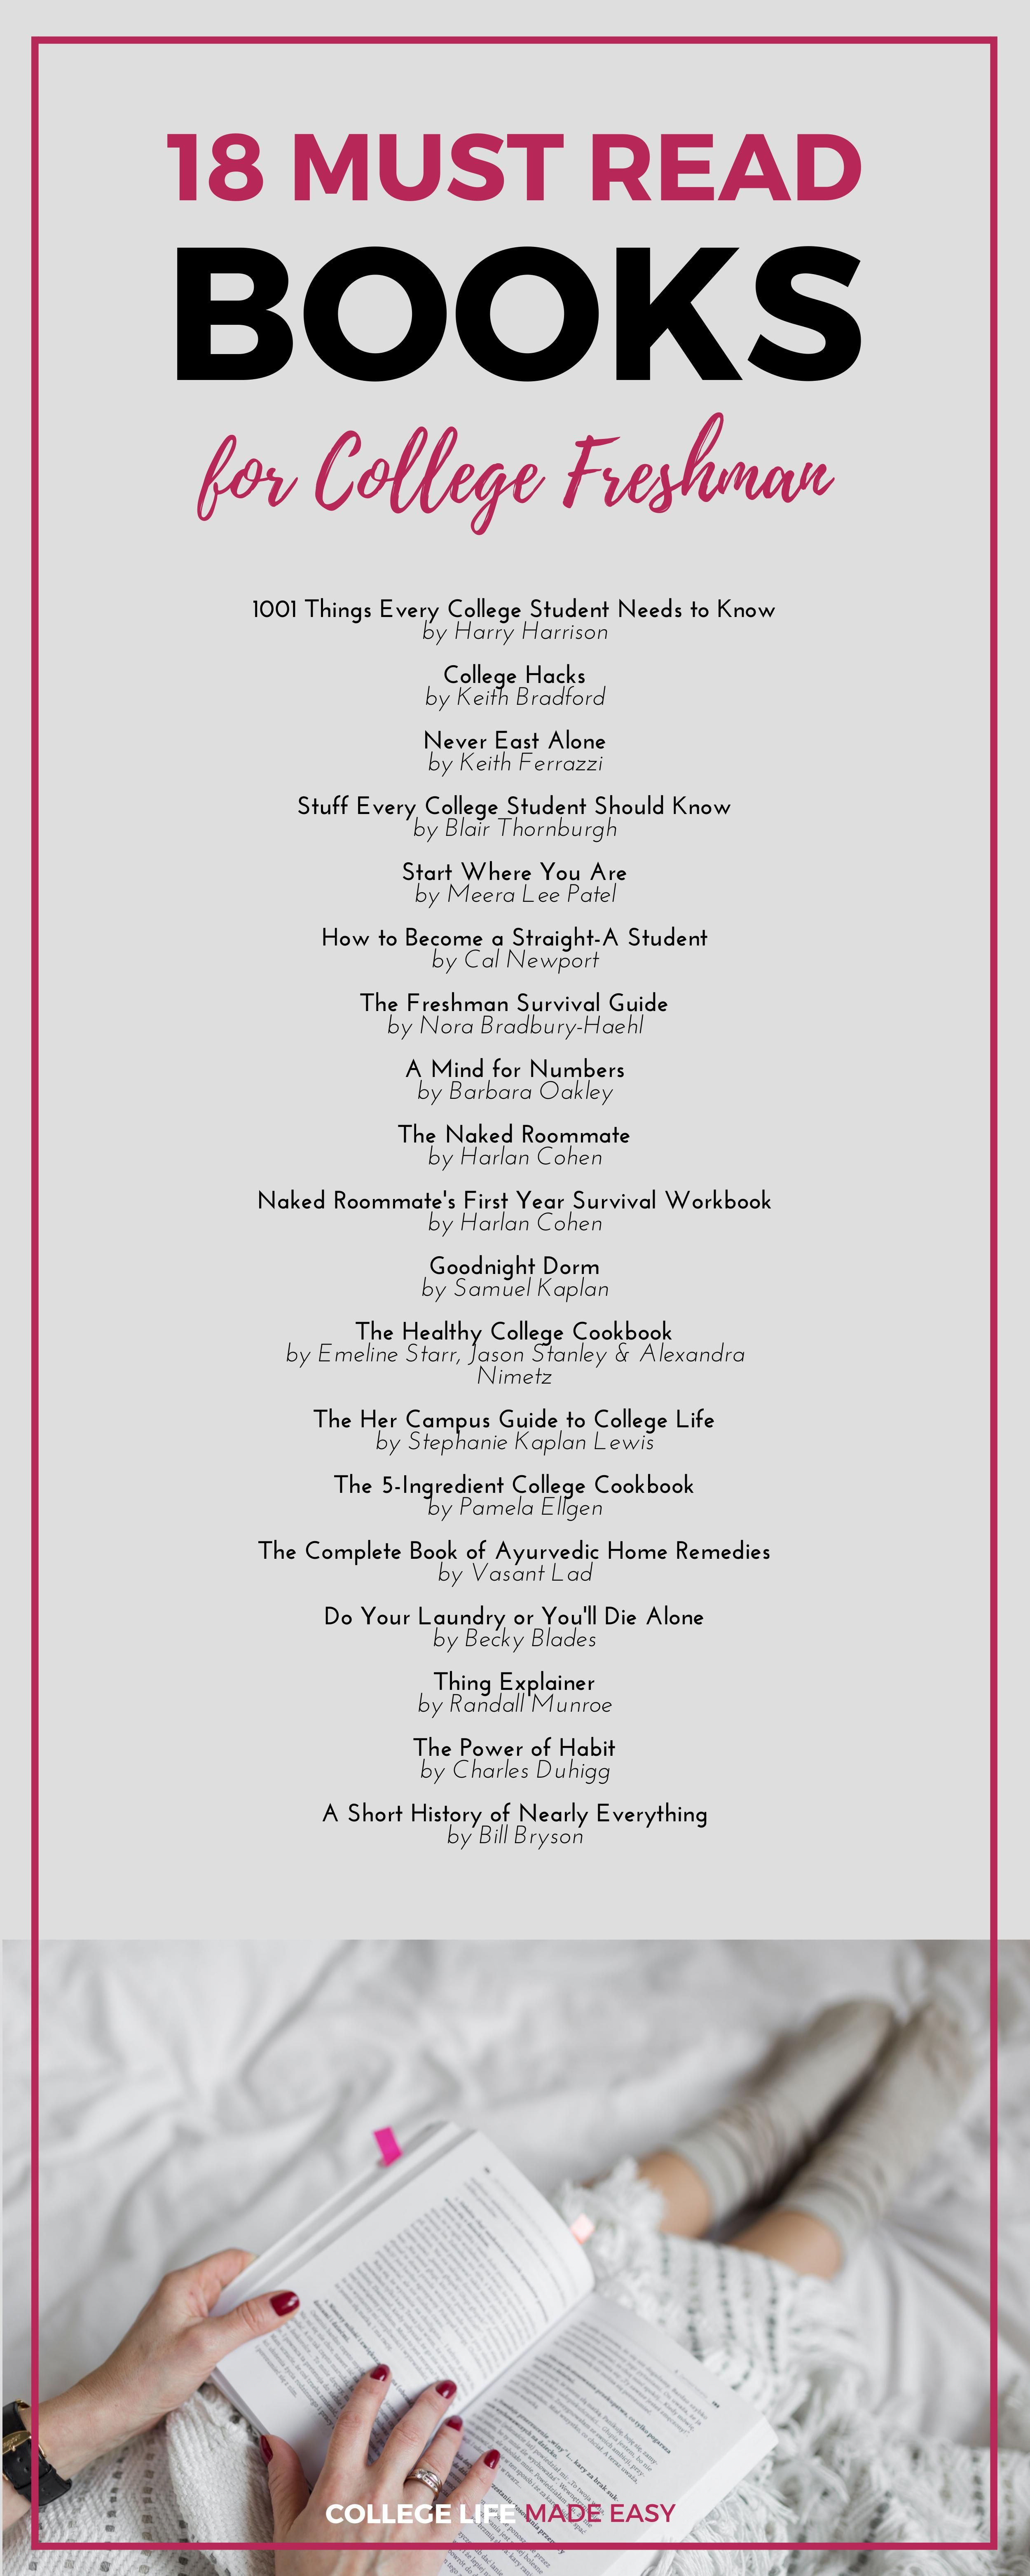 Lifecollege College fashion summer bucket list catalog photo